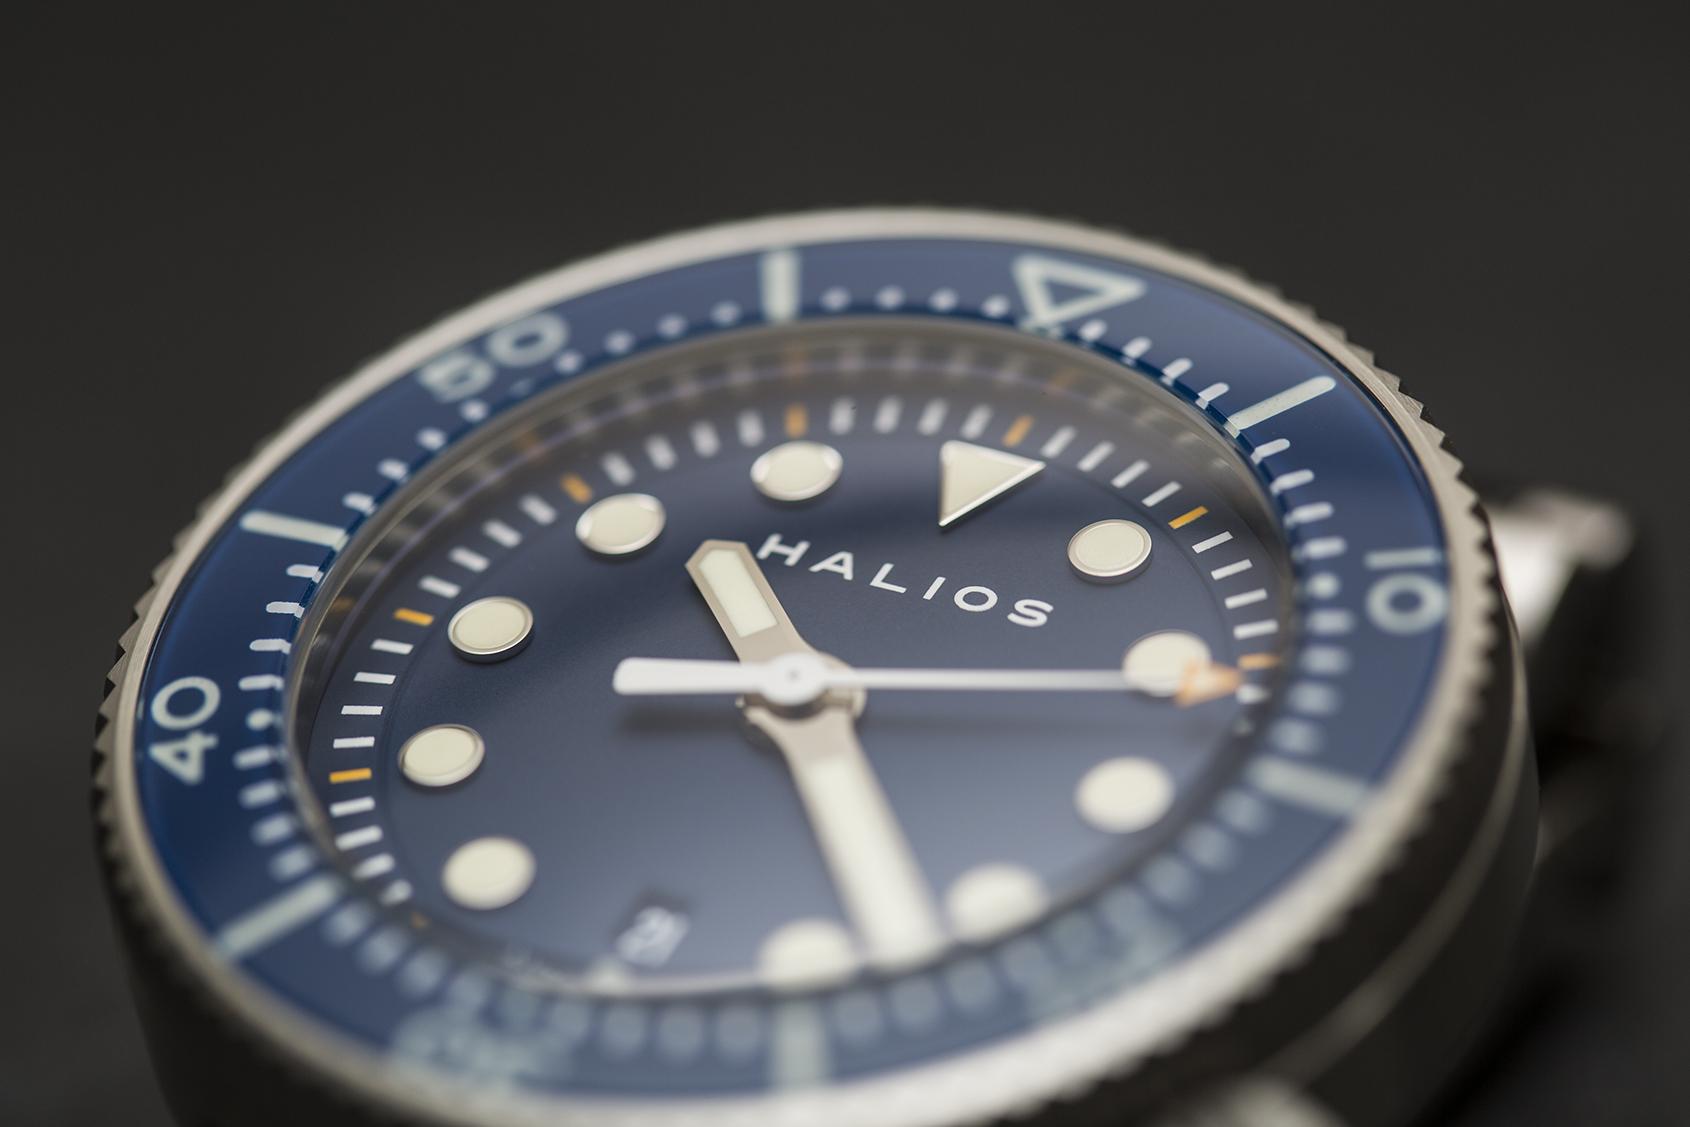 Halios Puck II review